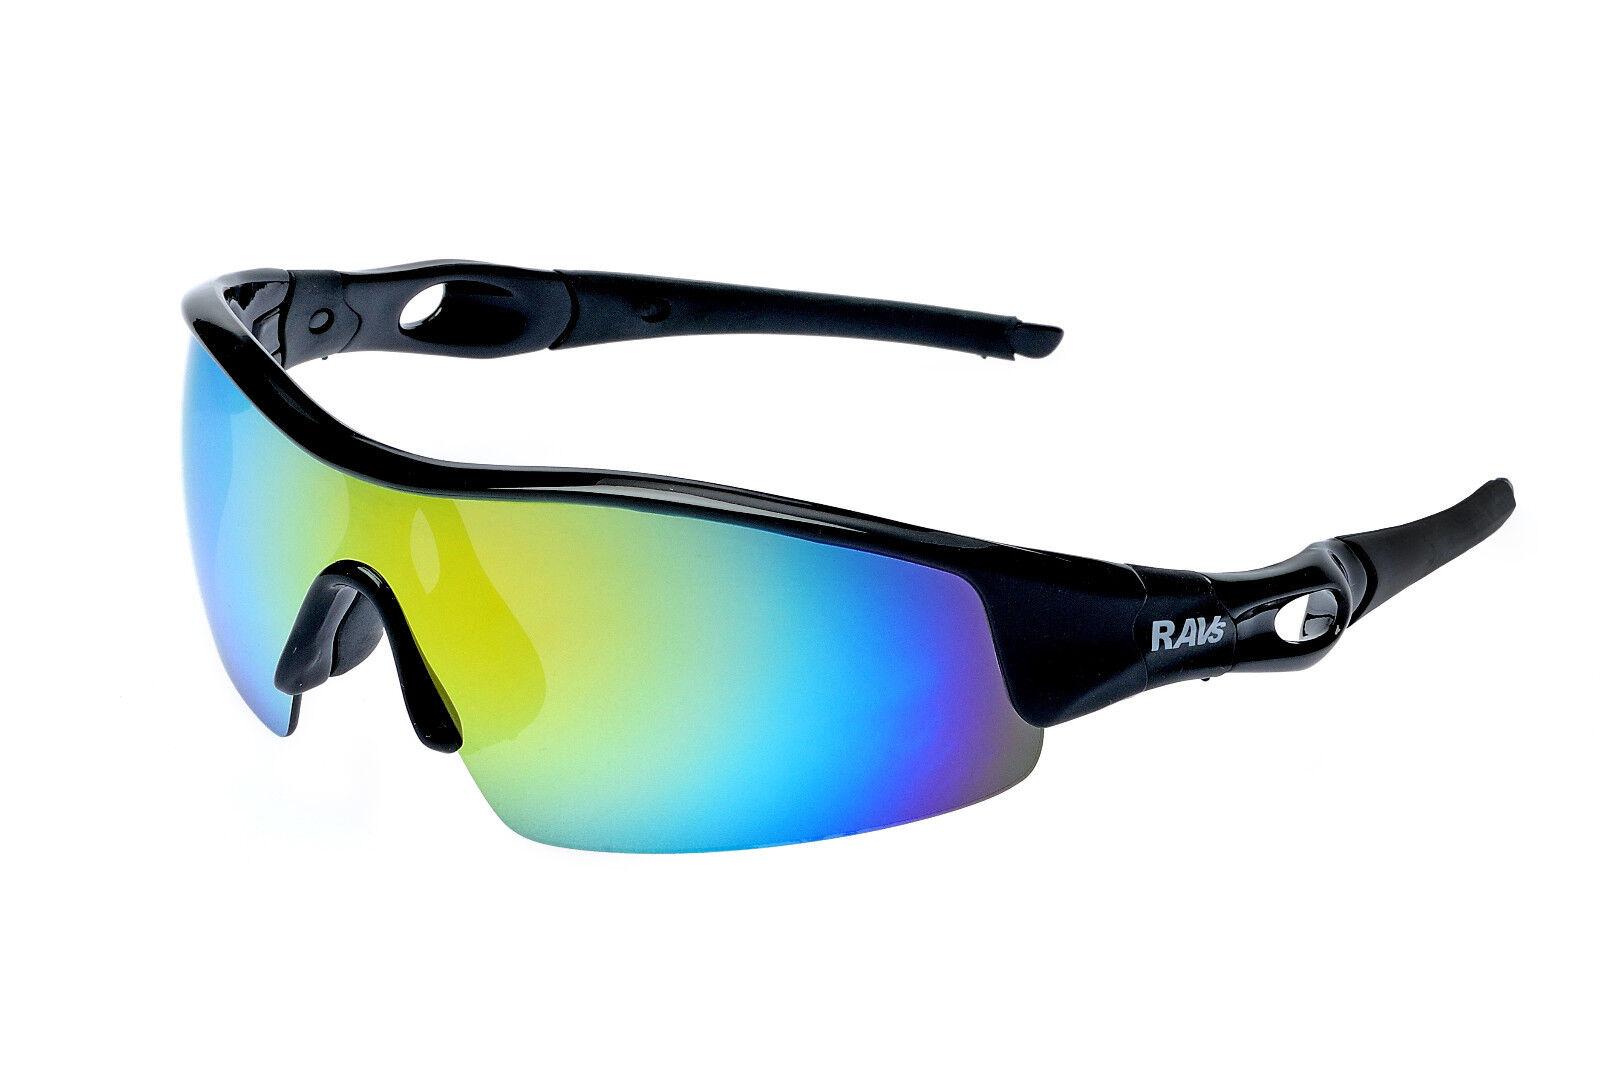 RAVS  Unisex Sportbrille Sonnenbrille  für Joggen,  Laufen, Triathlon, Radsport